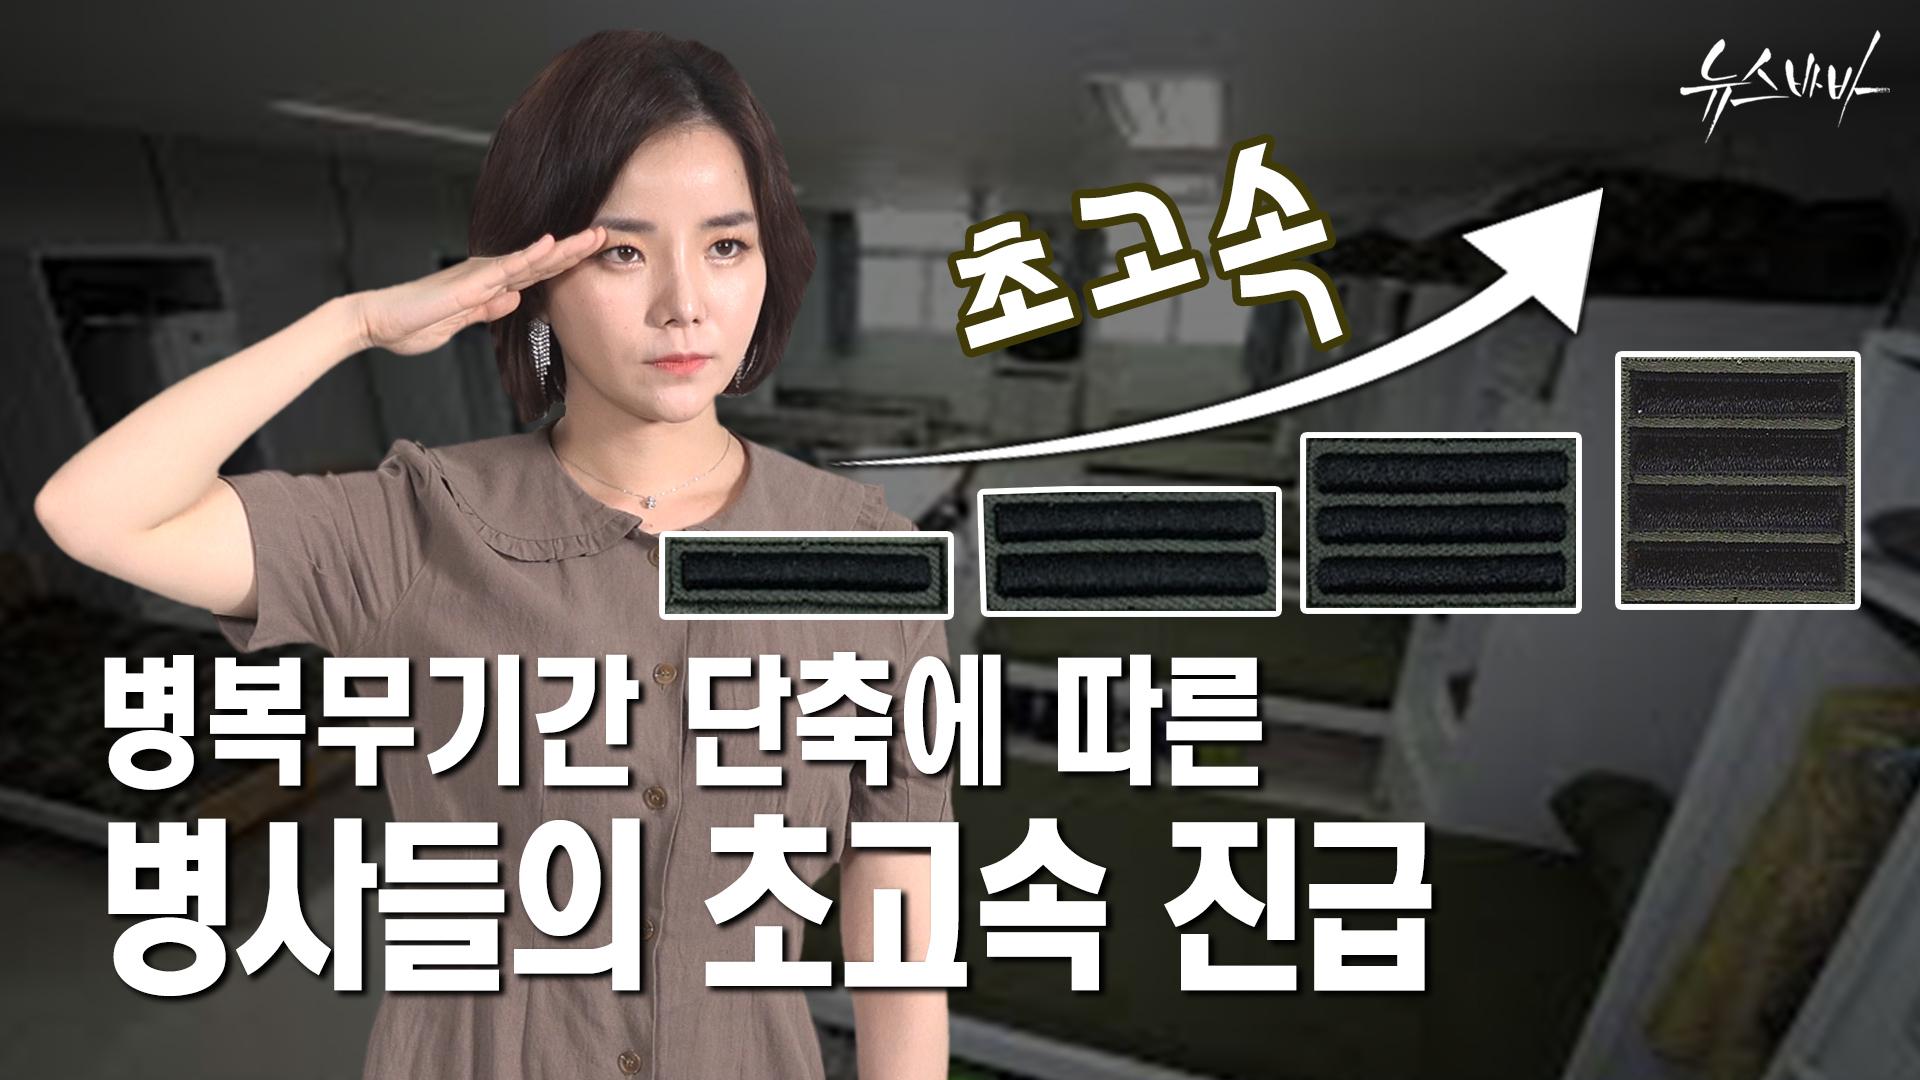 [뉴스바바]병장이 늘어난다고?!